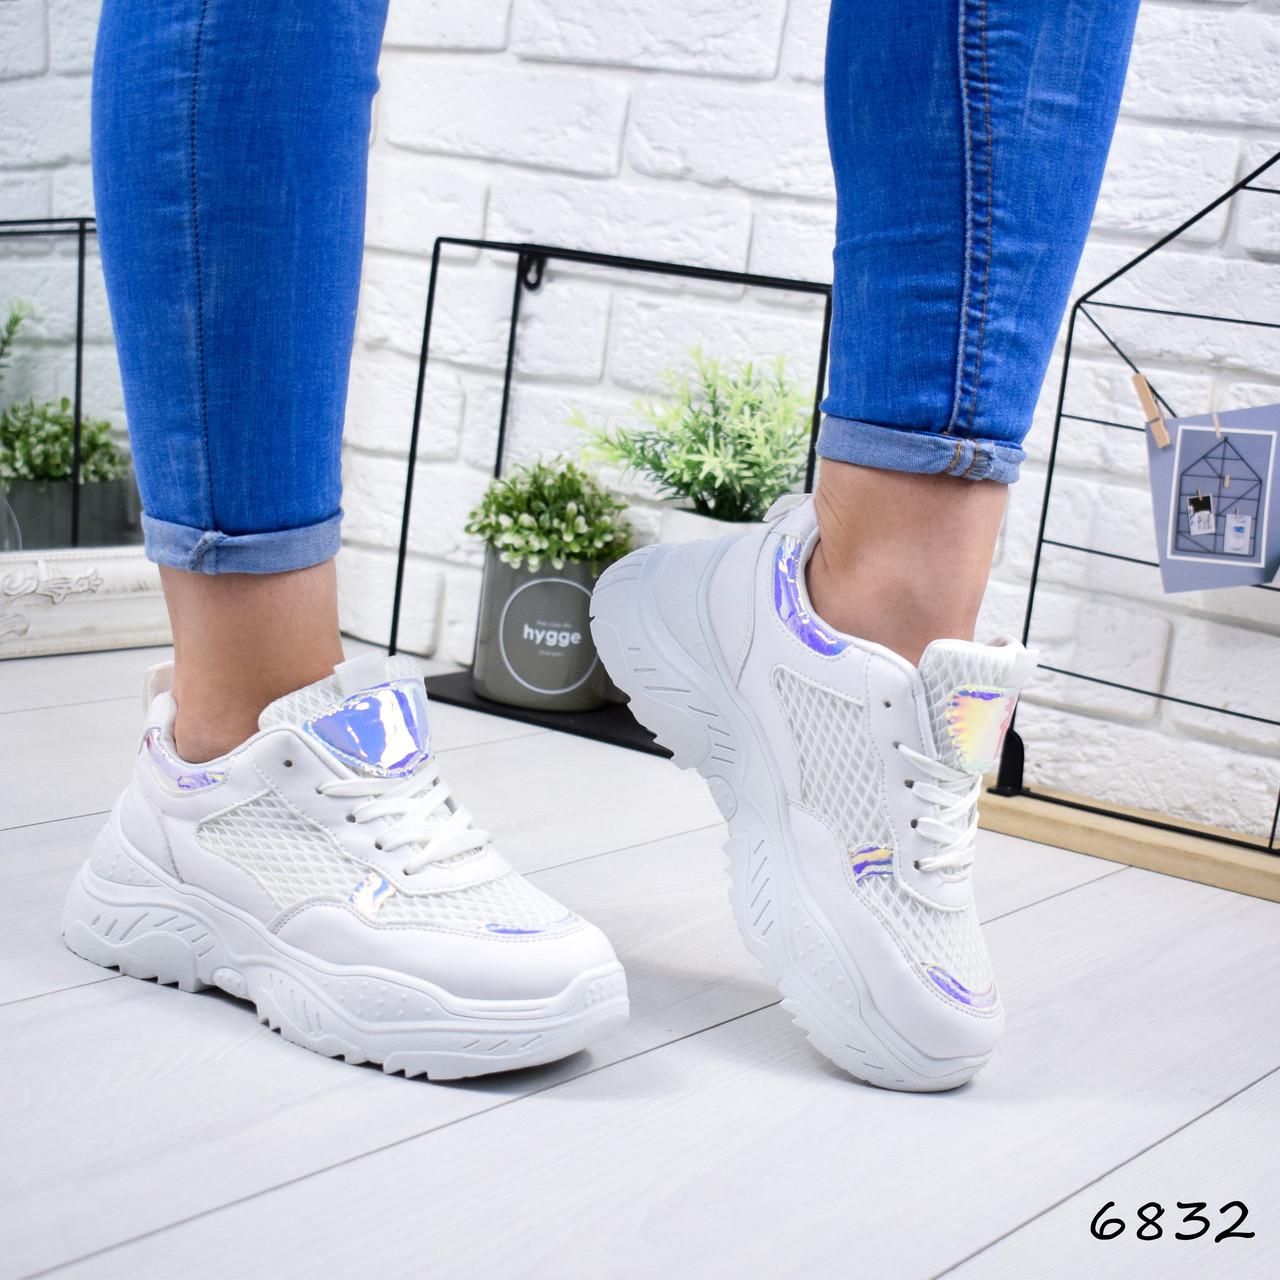 bb7ff846 Кроссовки женские Flame белые 6832 - Магазин одежды и аксессуаров Modest+ в  Черкассах